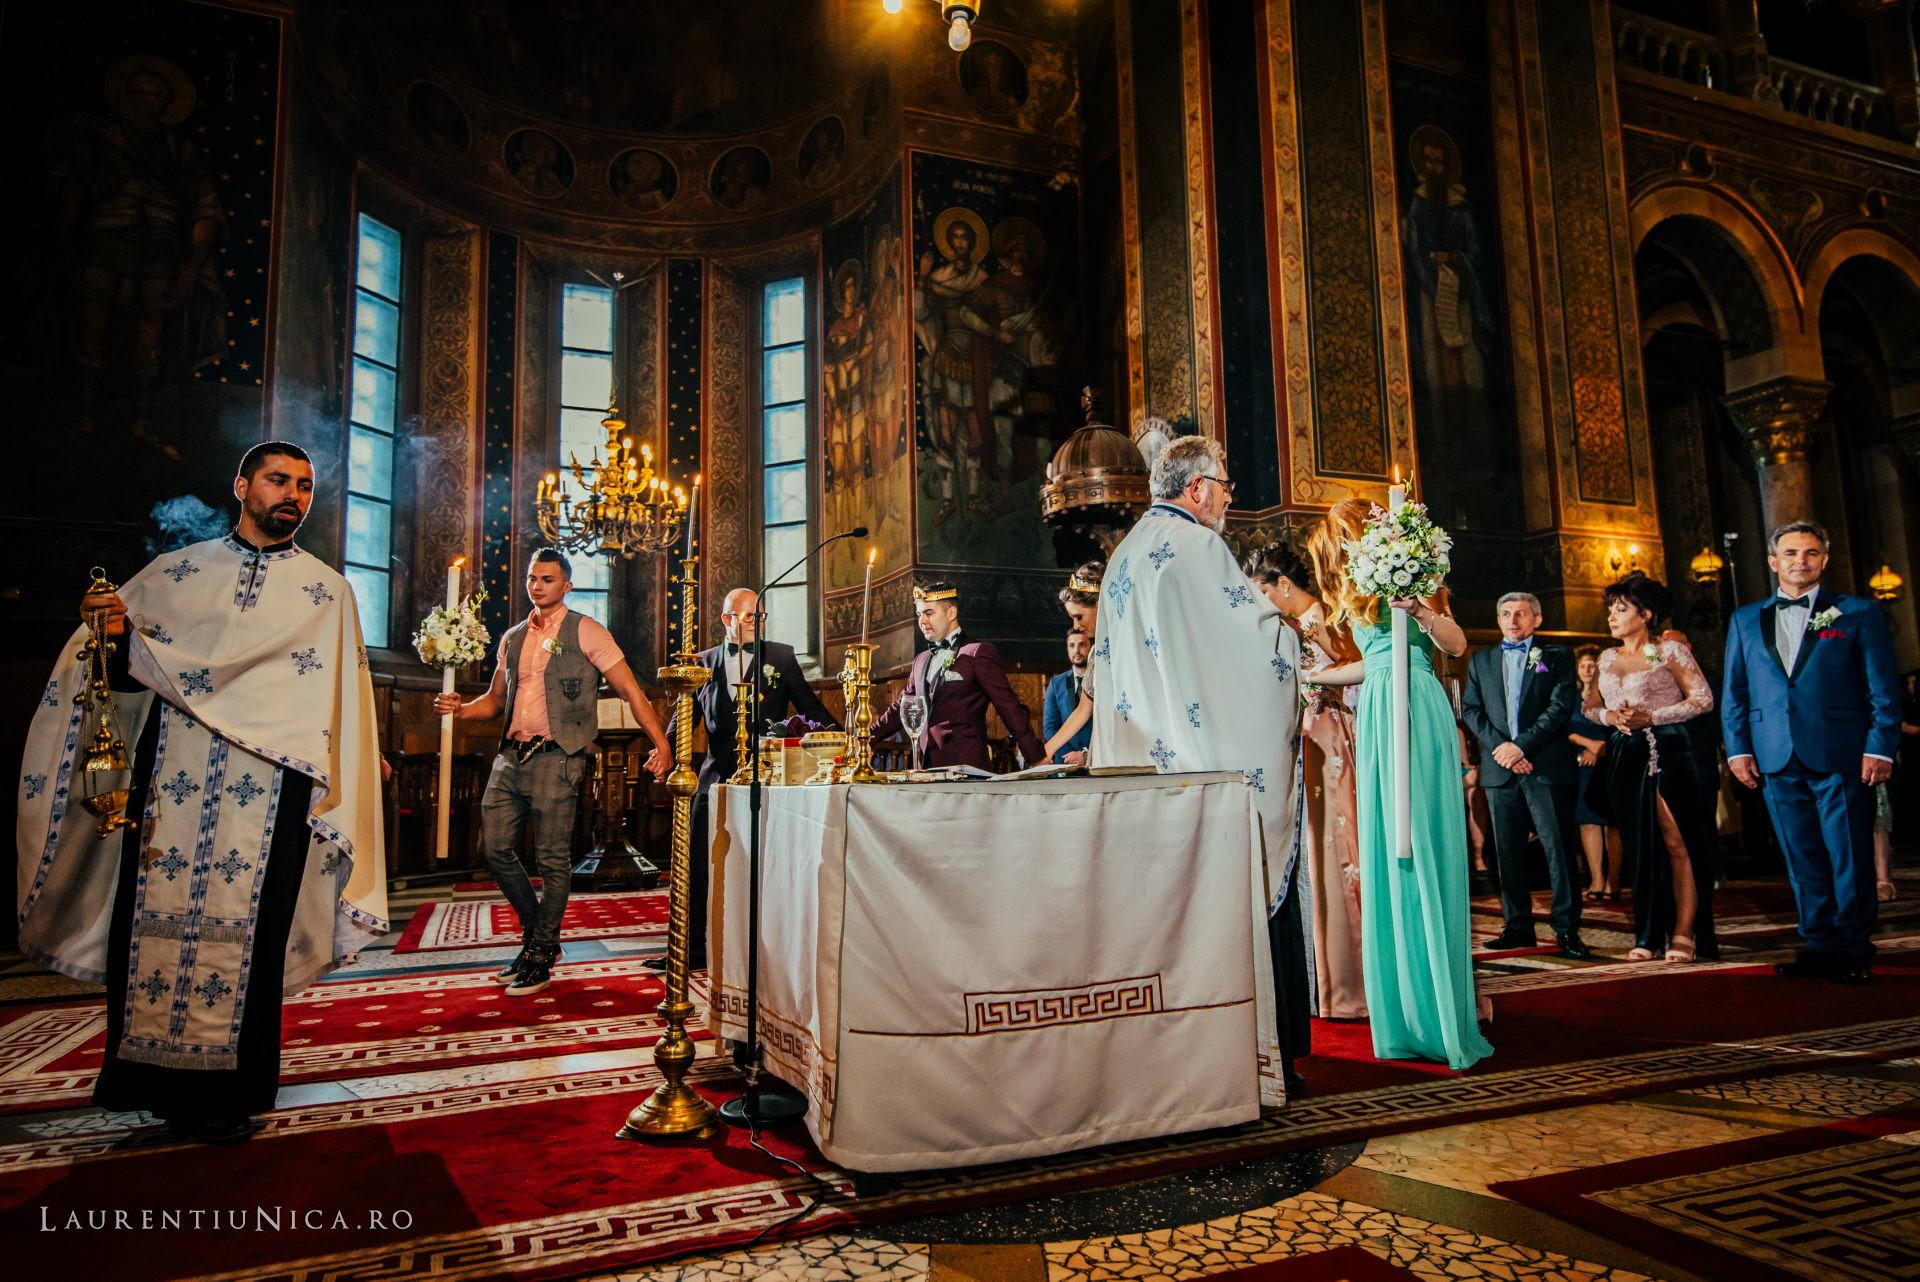 denisa si catalin fotograf nunta laurentiu nica craiova 48 - Denisa si Catalin | Fotografii nunta | Craiova